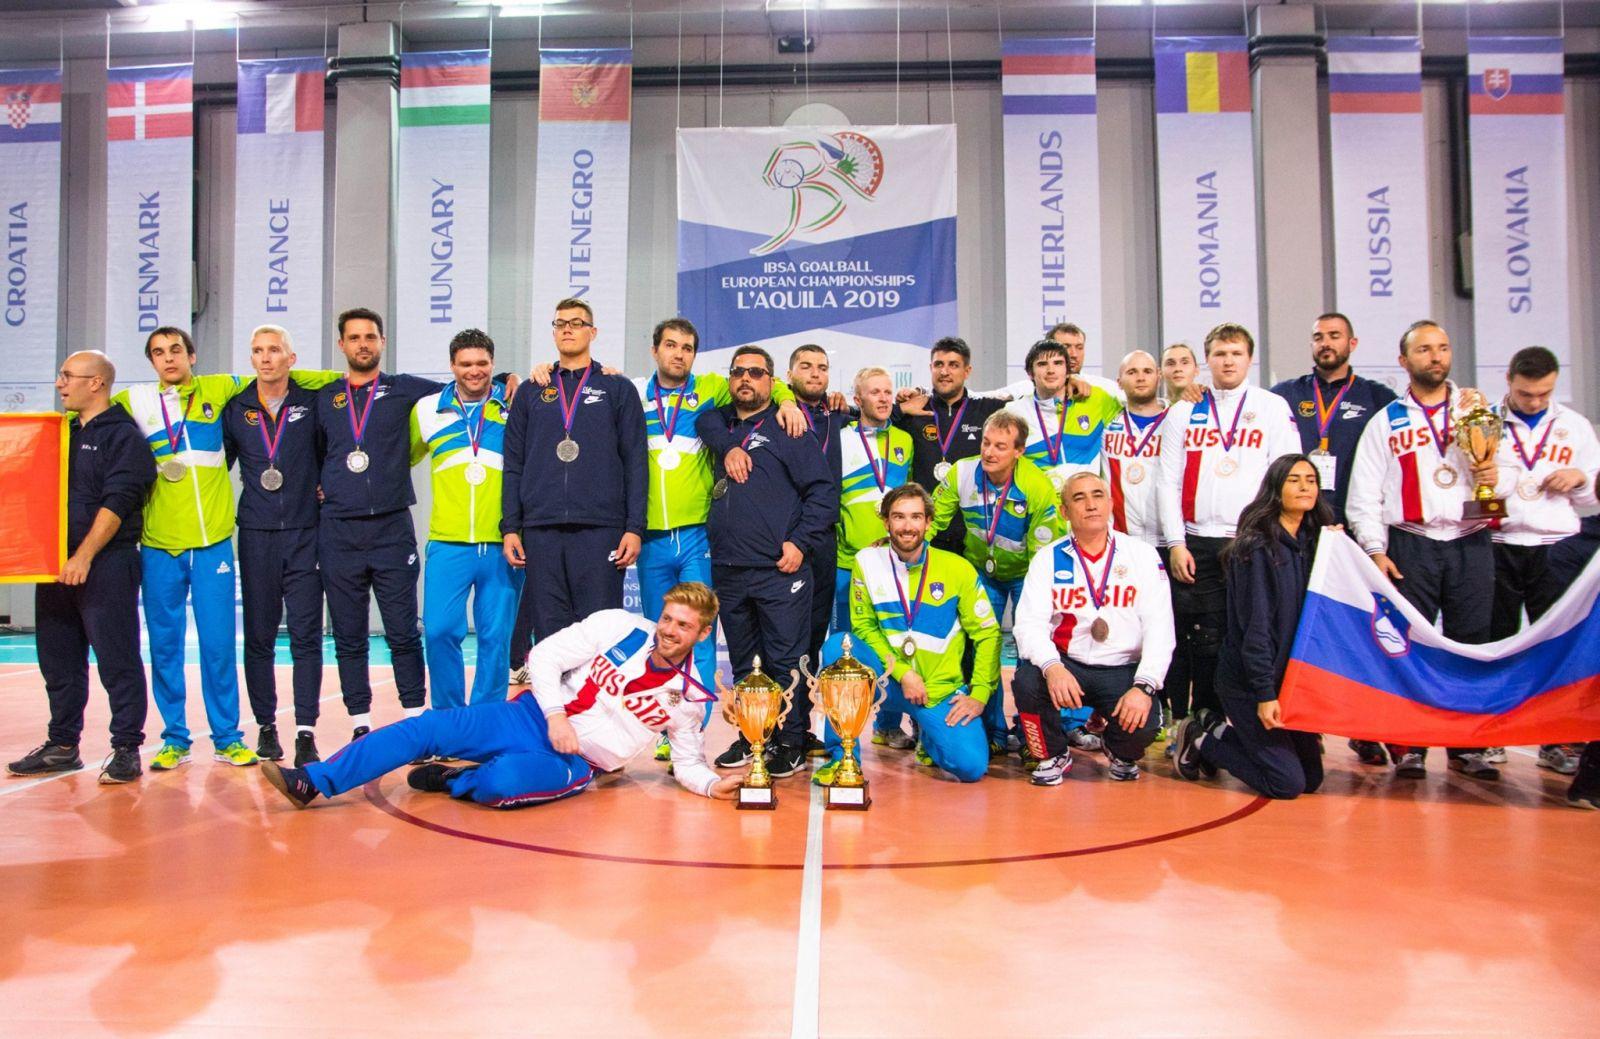 Мужская сборная команда России по голболу спорта слепых стала бронзовым призером чемпионата Европы в дивизионе С и вышла в дивизион В